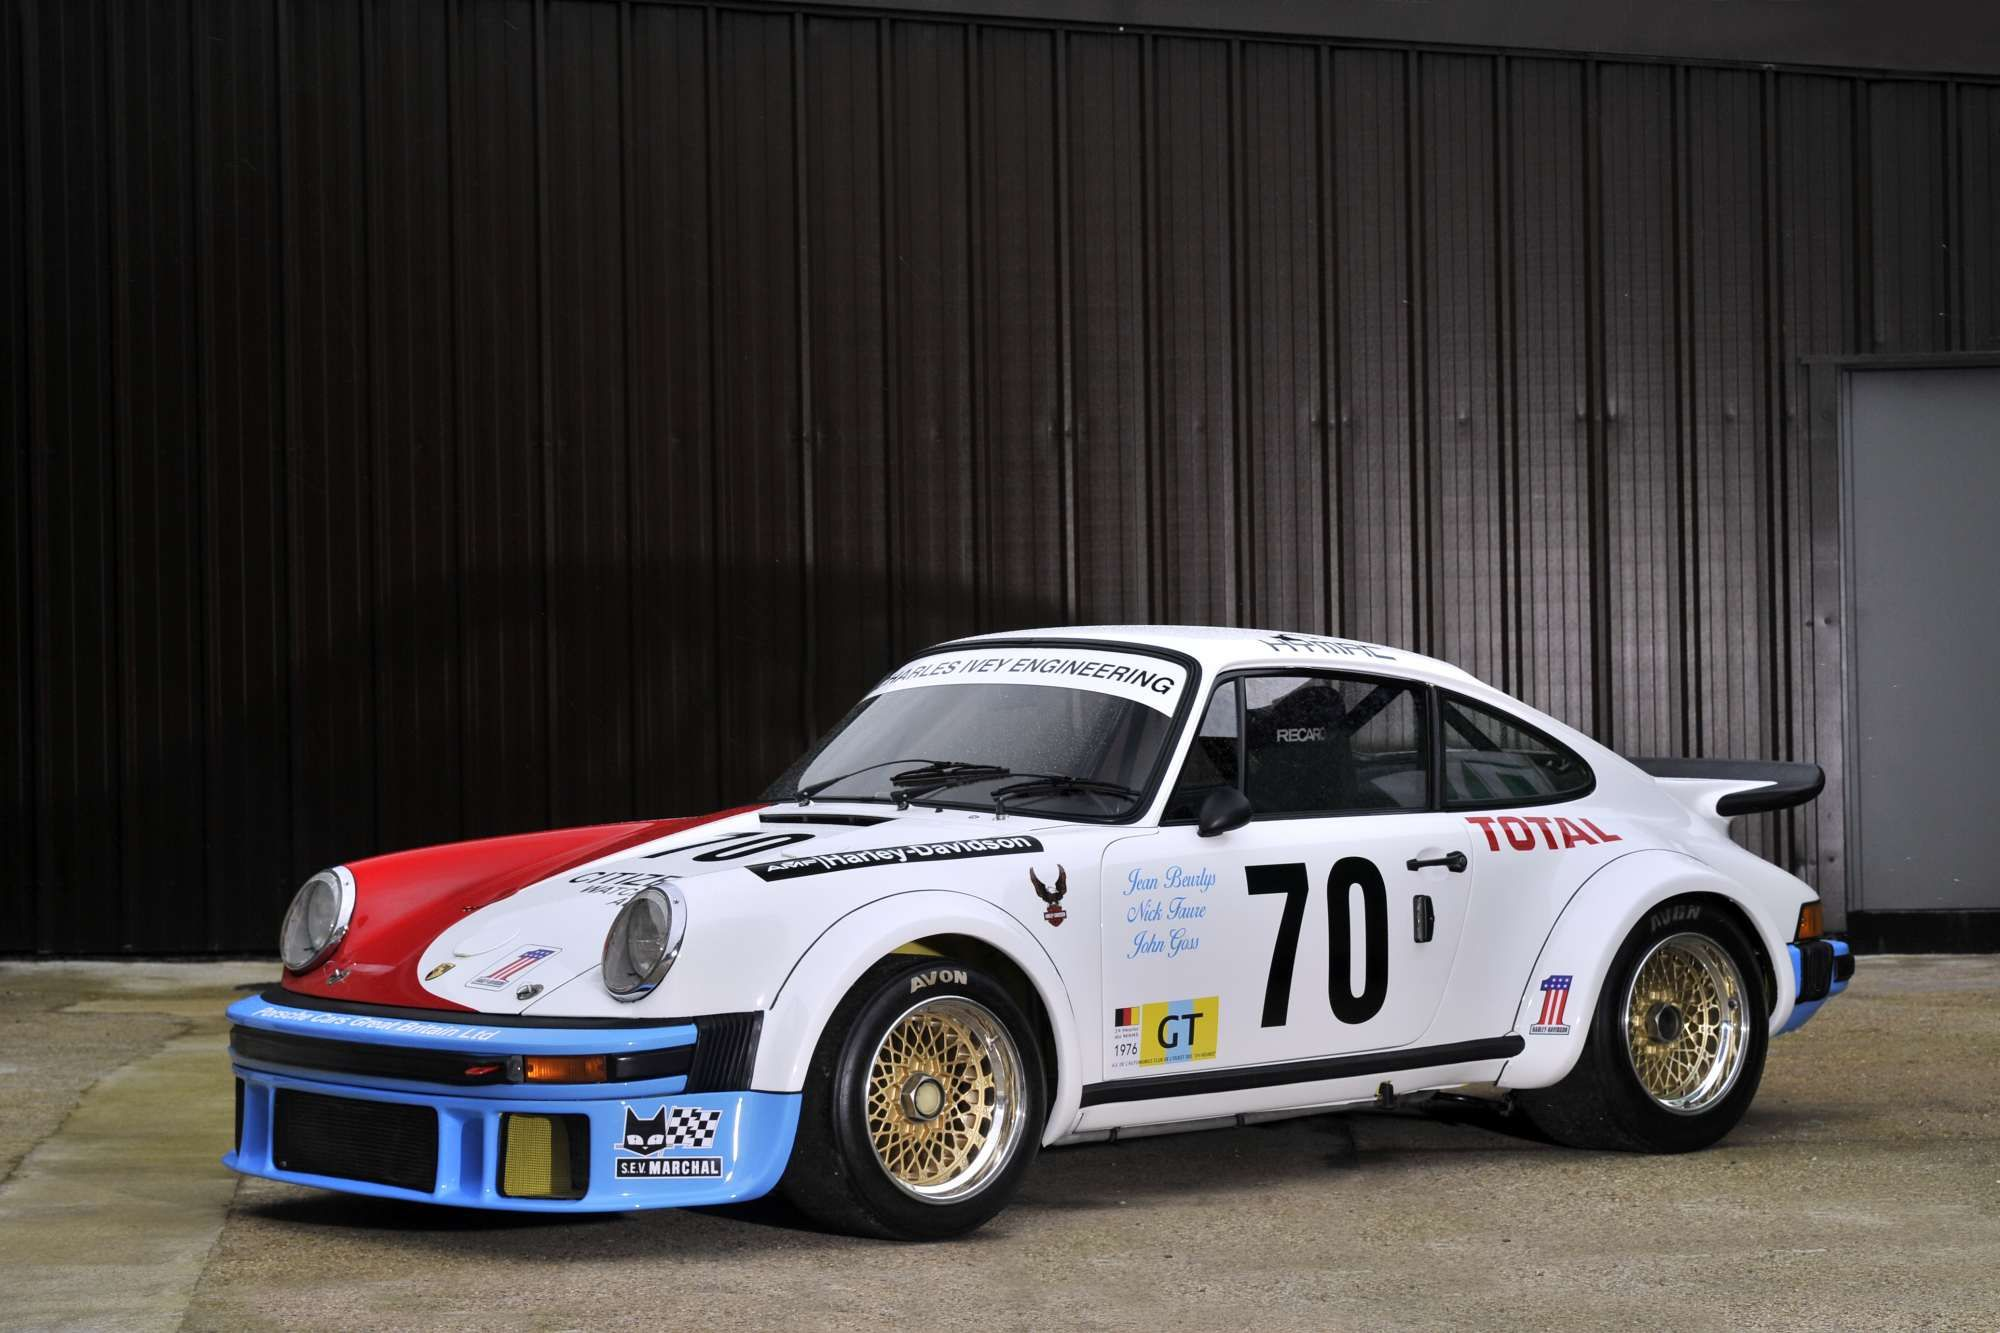 1976 Porsche 934 Rsr Turbo Porsche Porsche Cars Porsche Gt